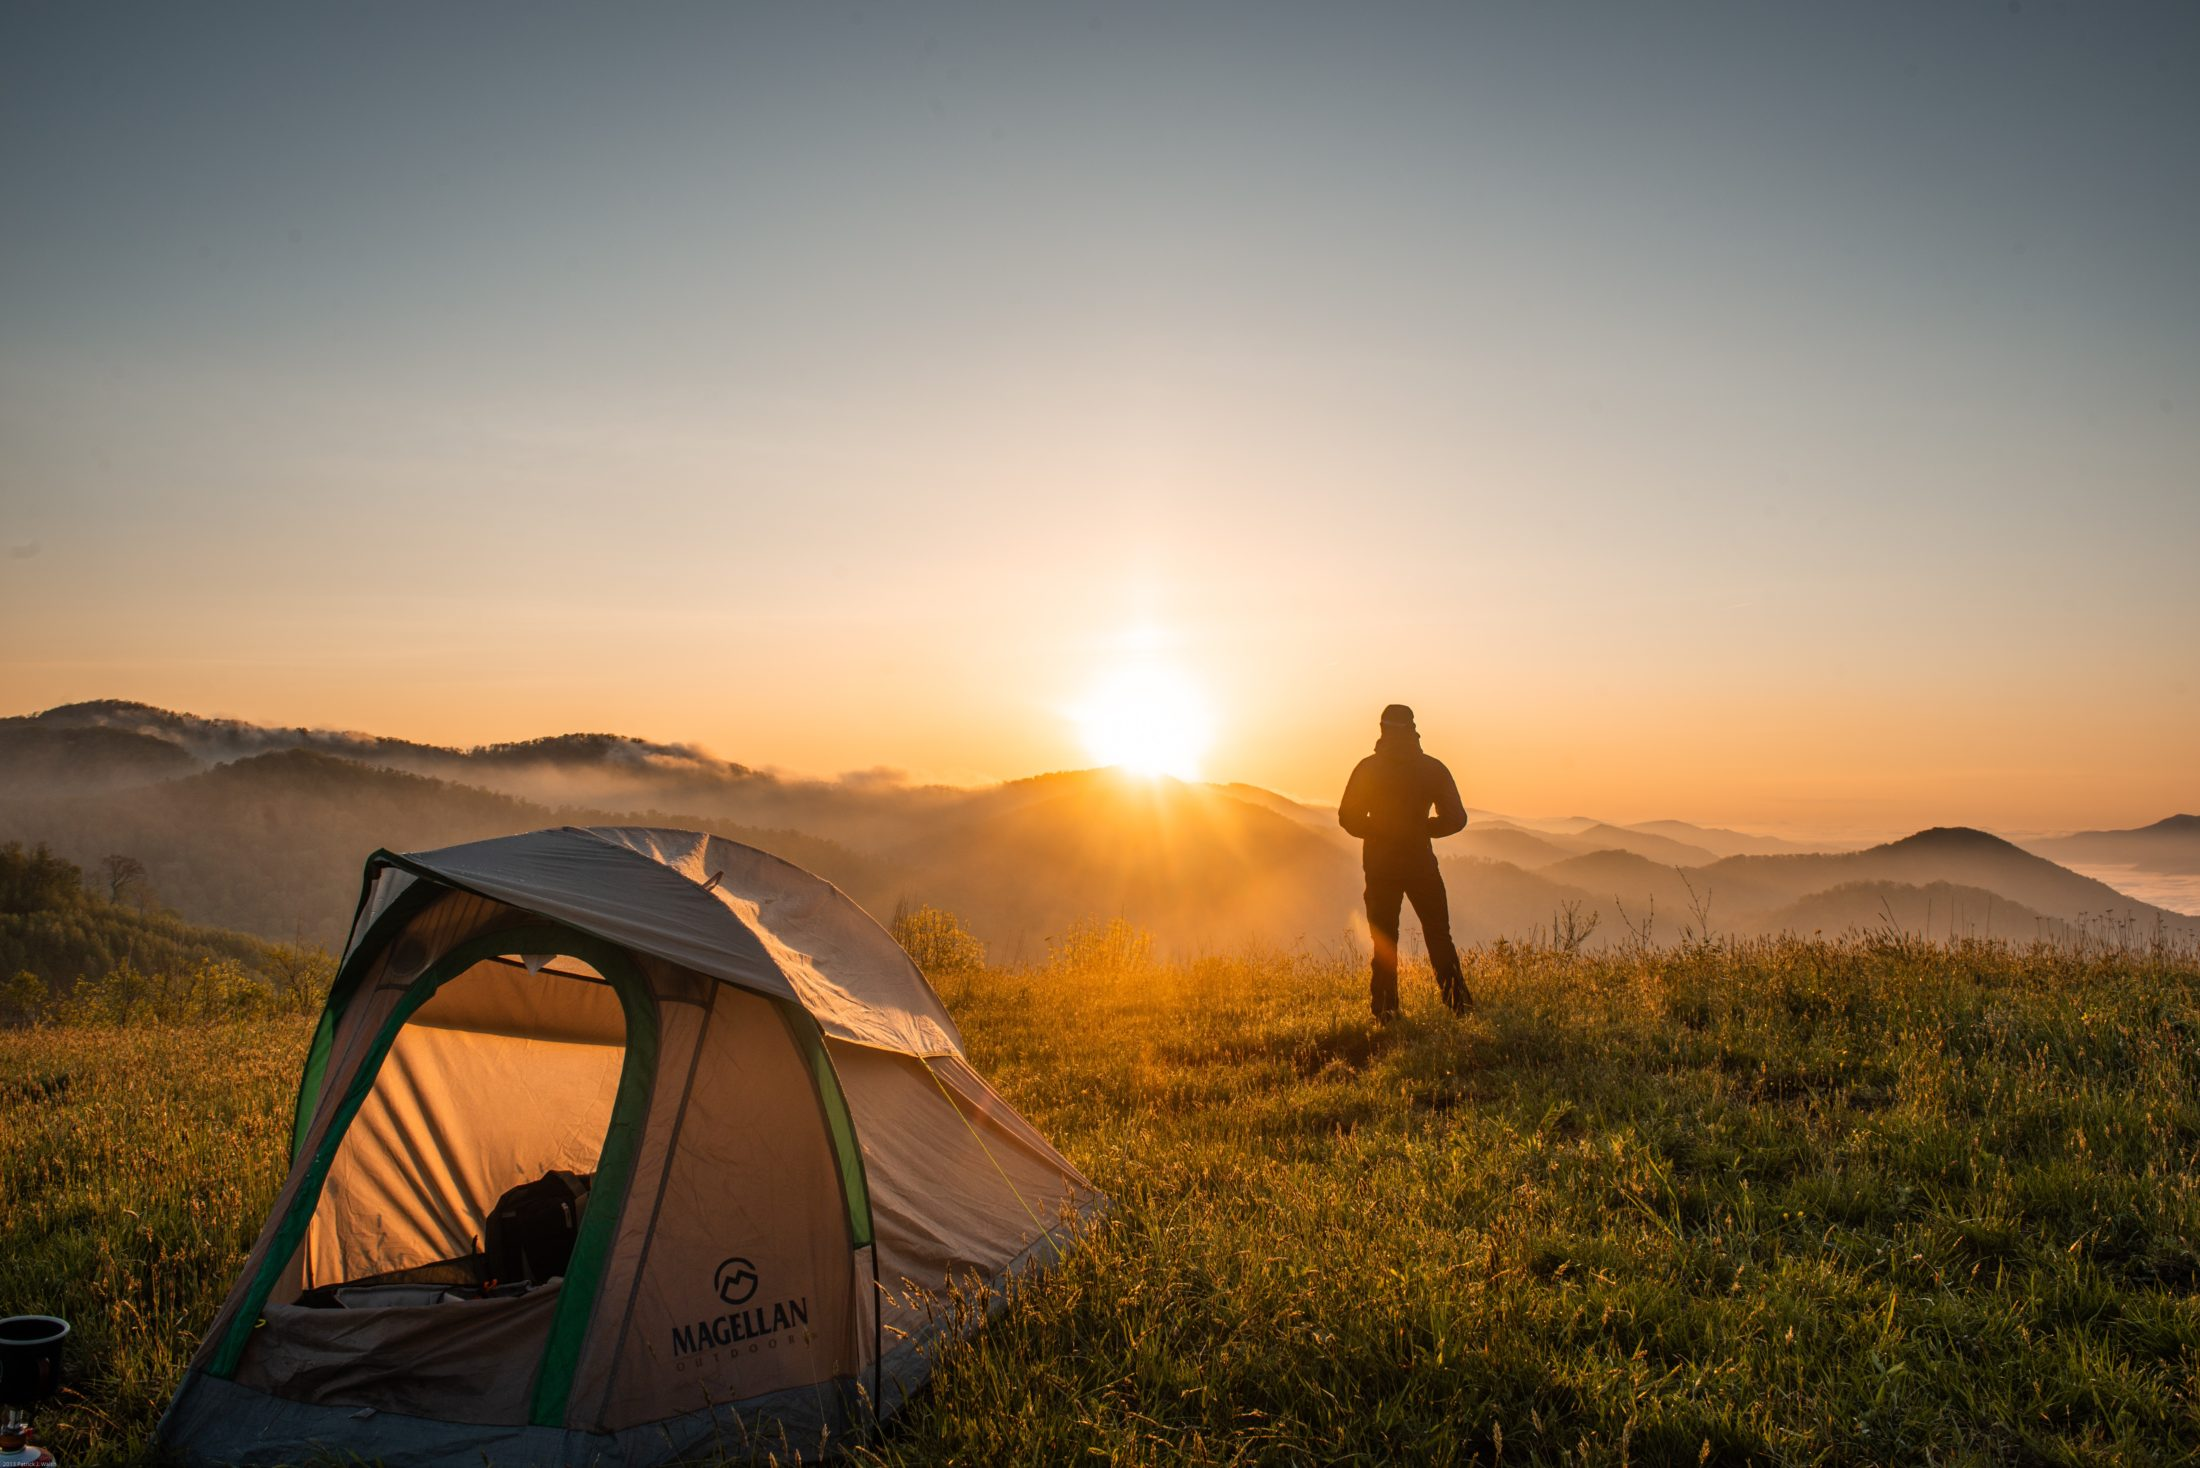 pessoa com cachoro em acampamento vendo por do sol